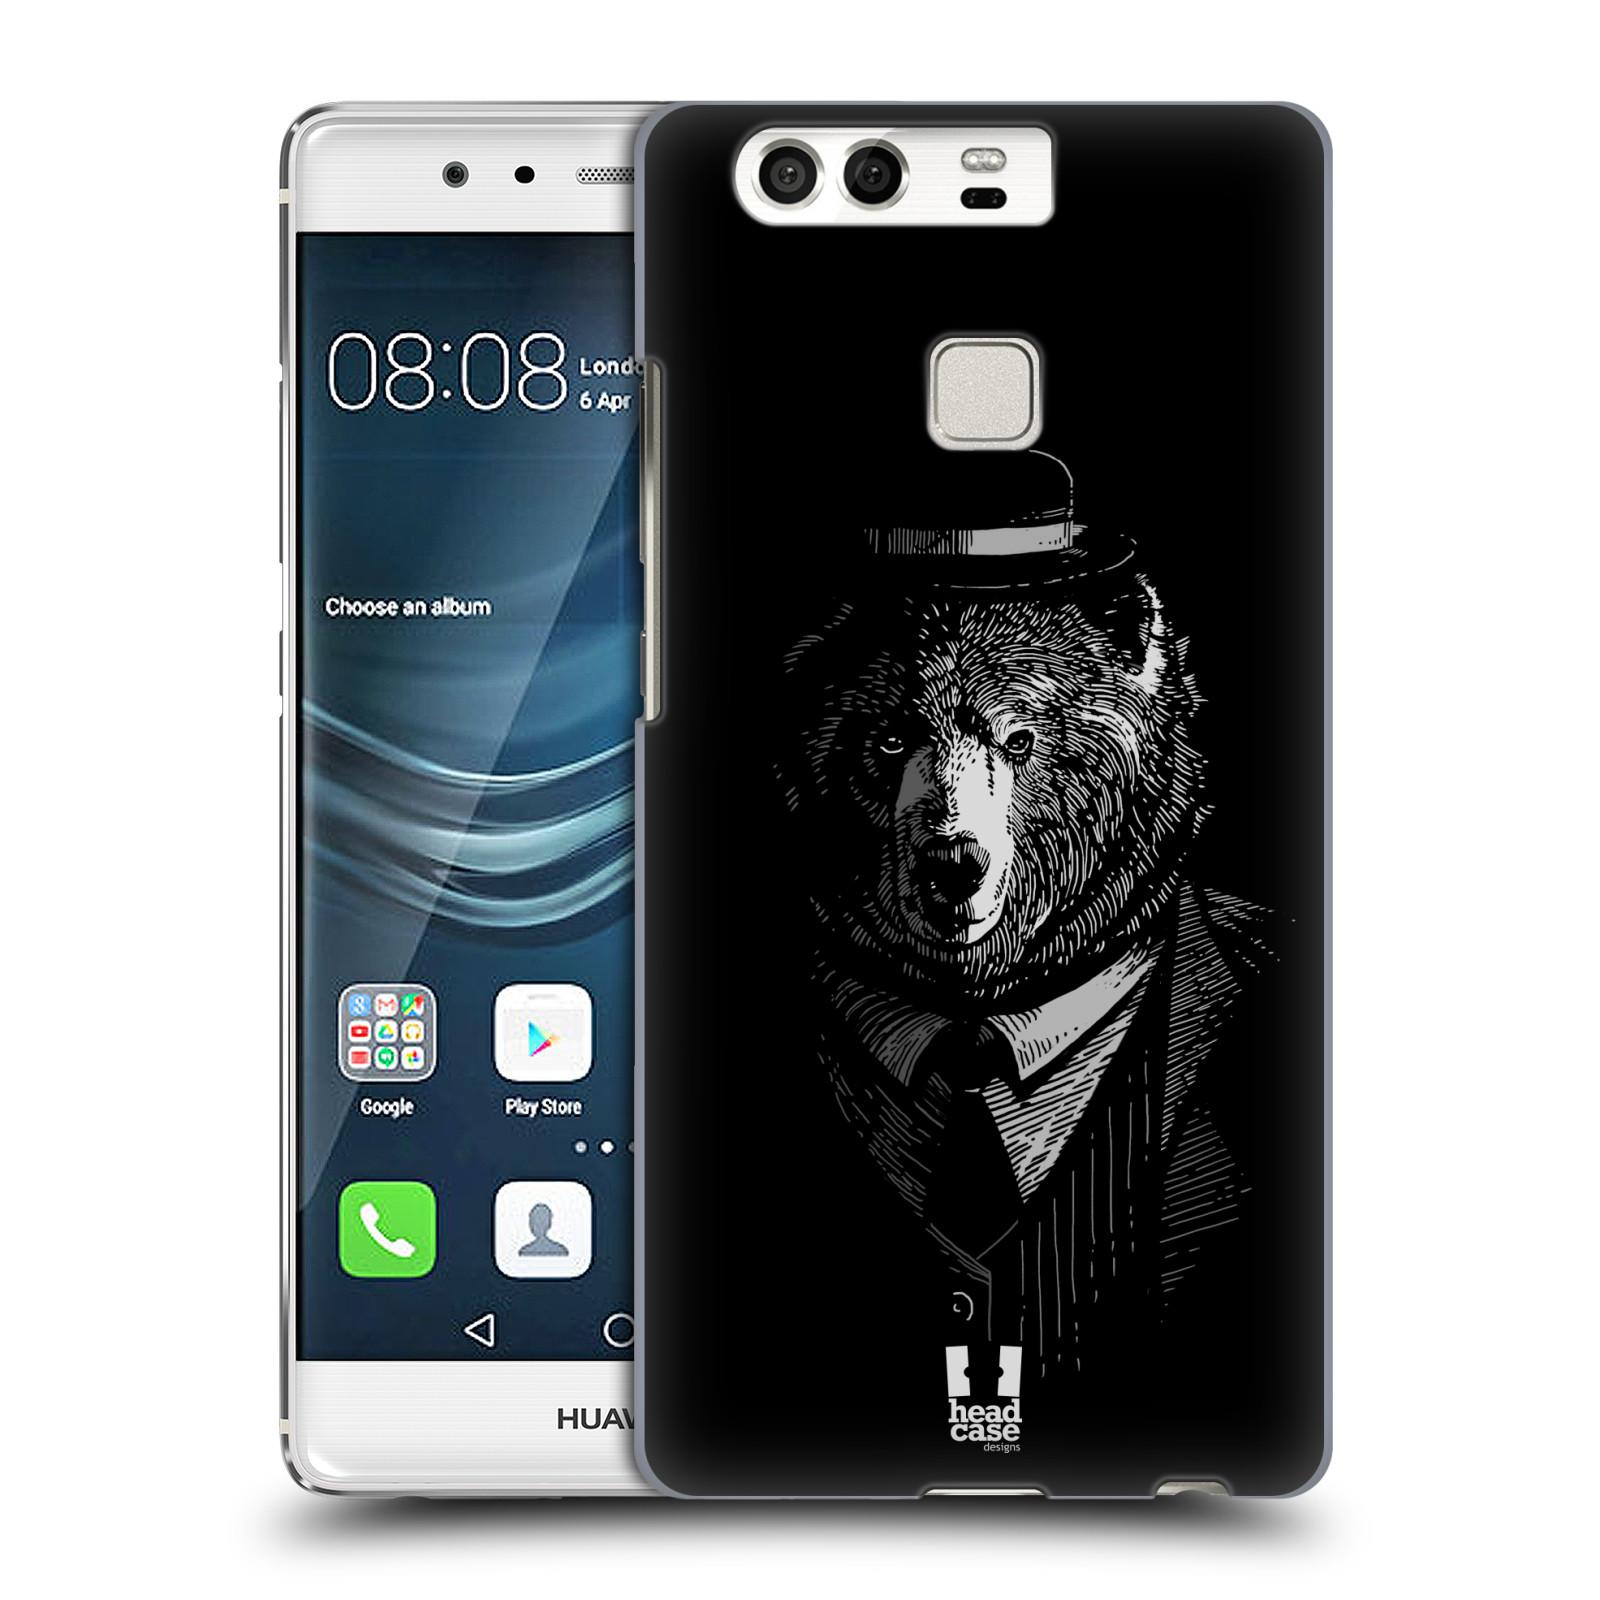 HEAD CASE plastový obal na mobil Huawei P9 / P9 DUAL SIM vzor Zvíře v obleku medvěd